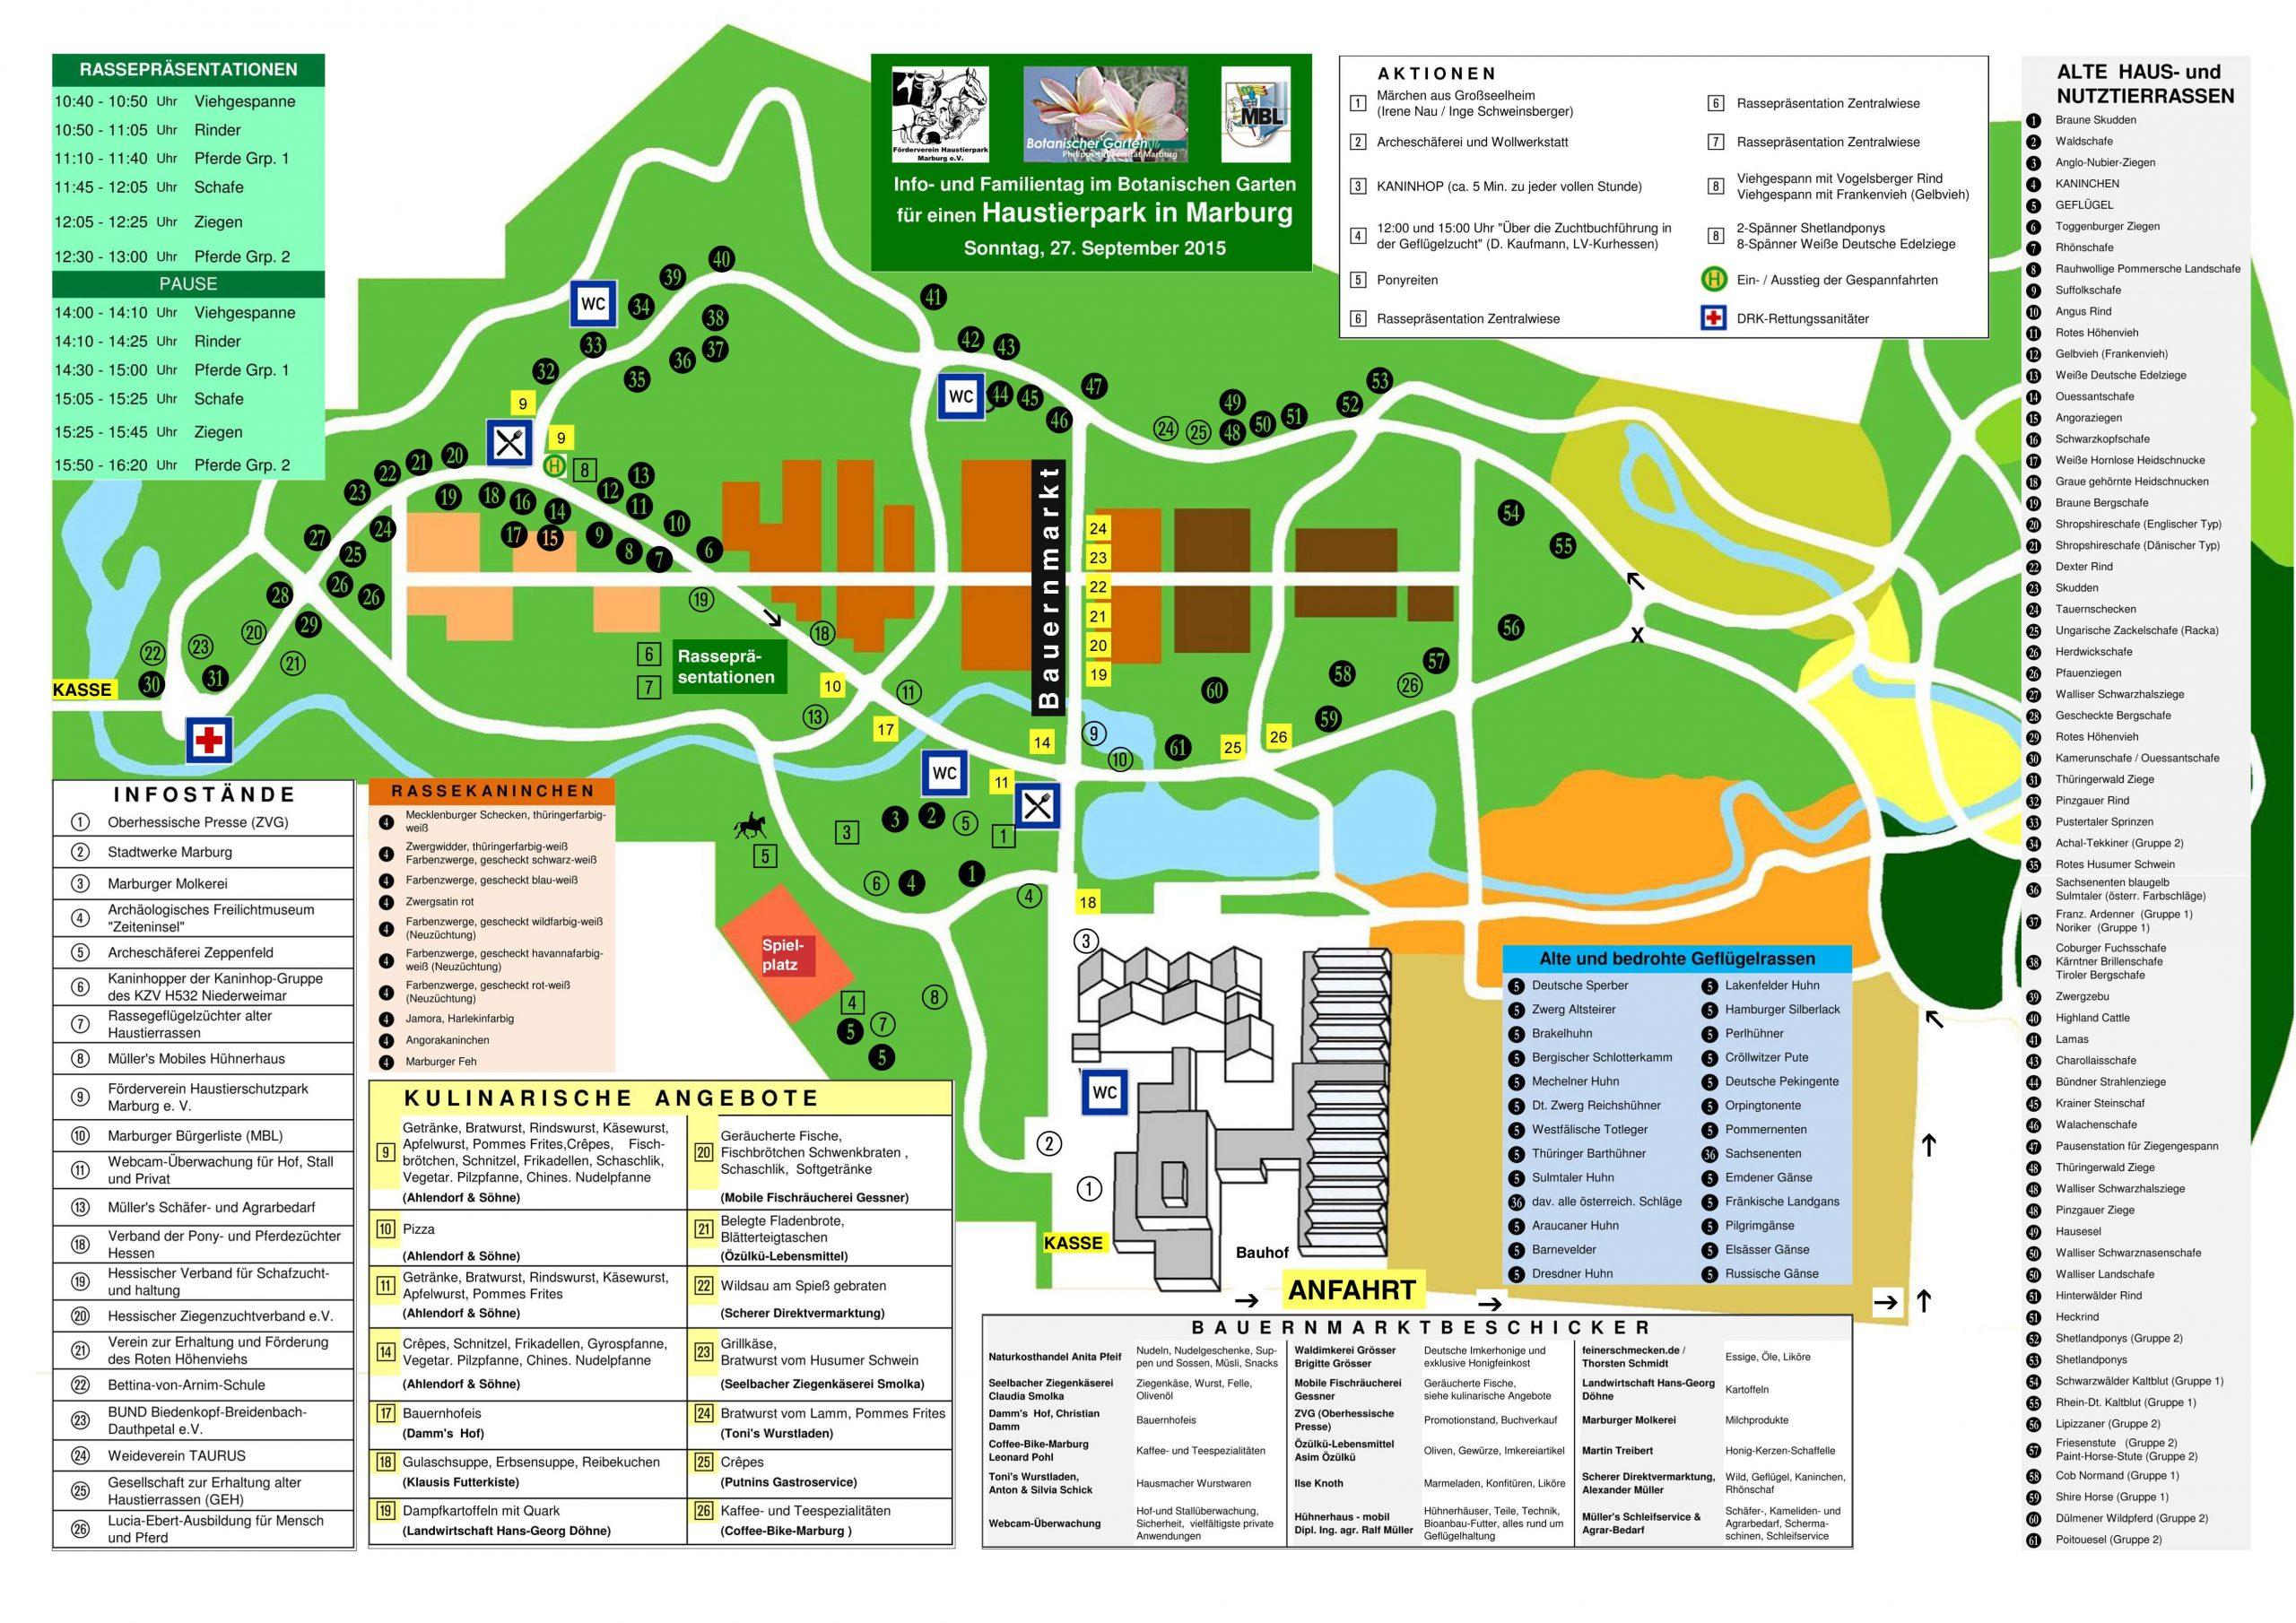 Botanischer Garten Marburg Schön Wo Finde Ich Was Beim Info Und Familientag